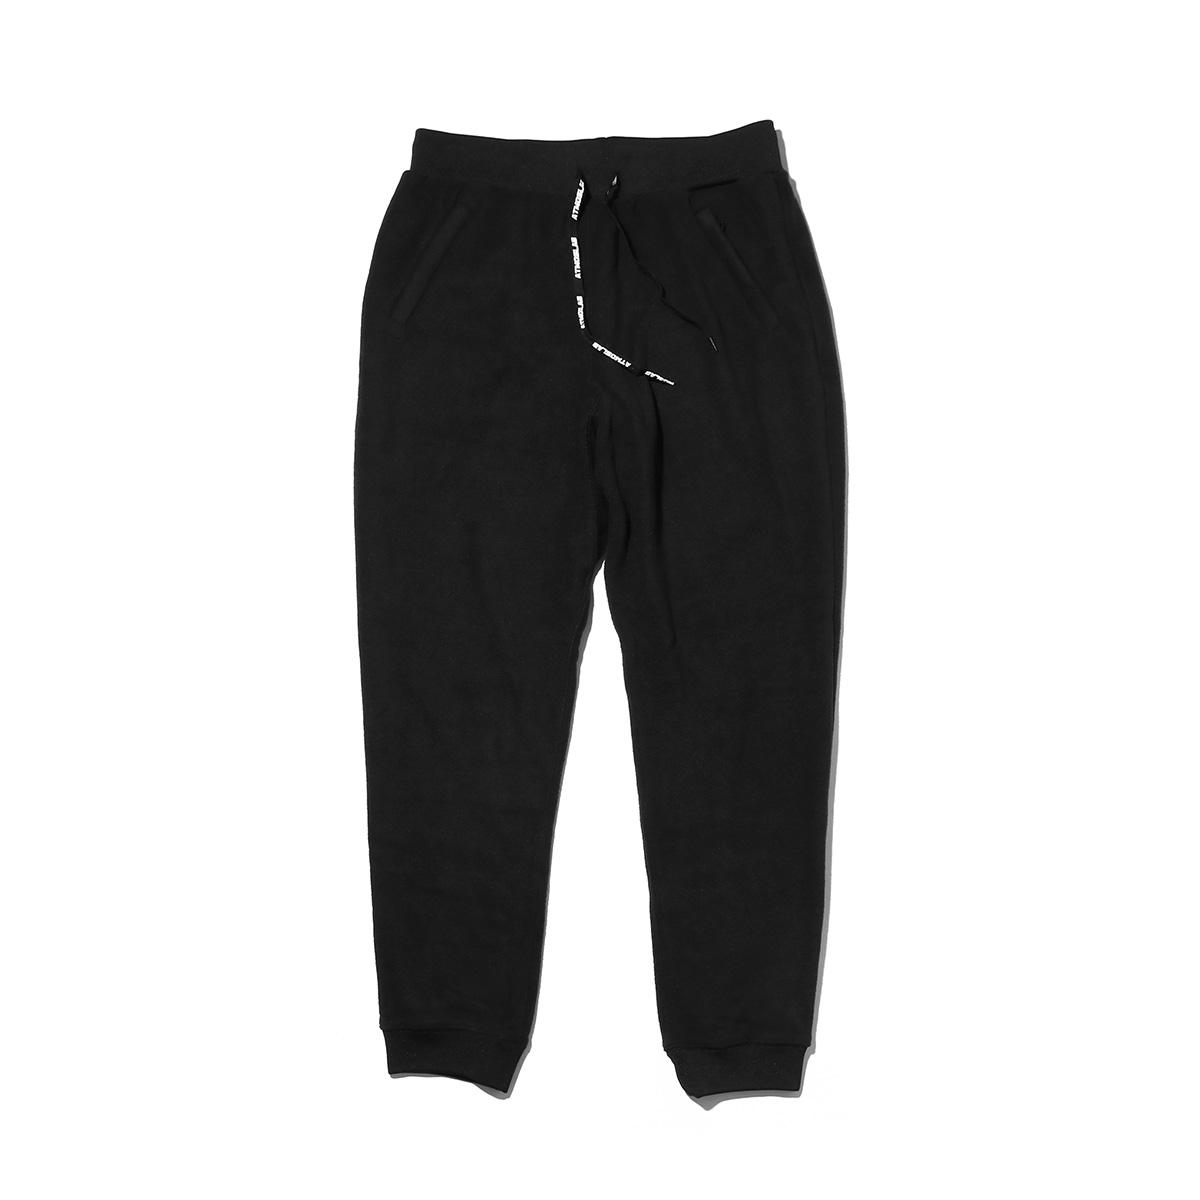 ATMOS LAB FLEECE PANTS(アトモスラボ フリース パンツ)BLACK【メンズ パンツ】18FW-S